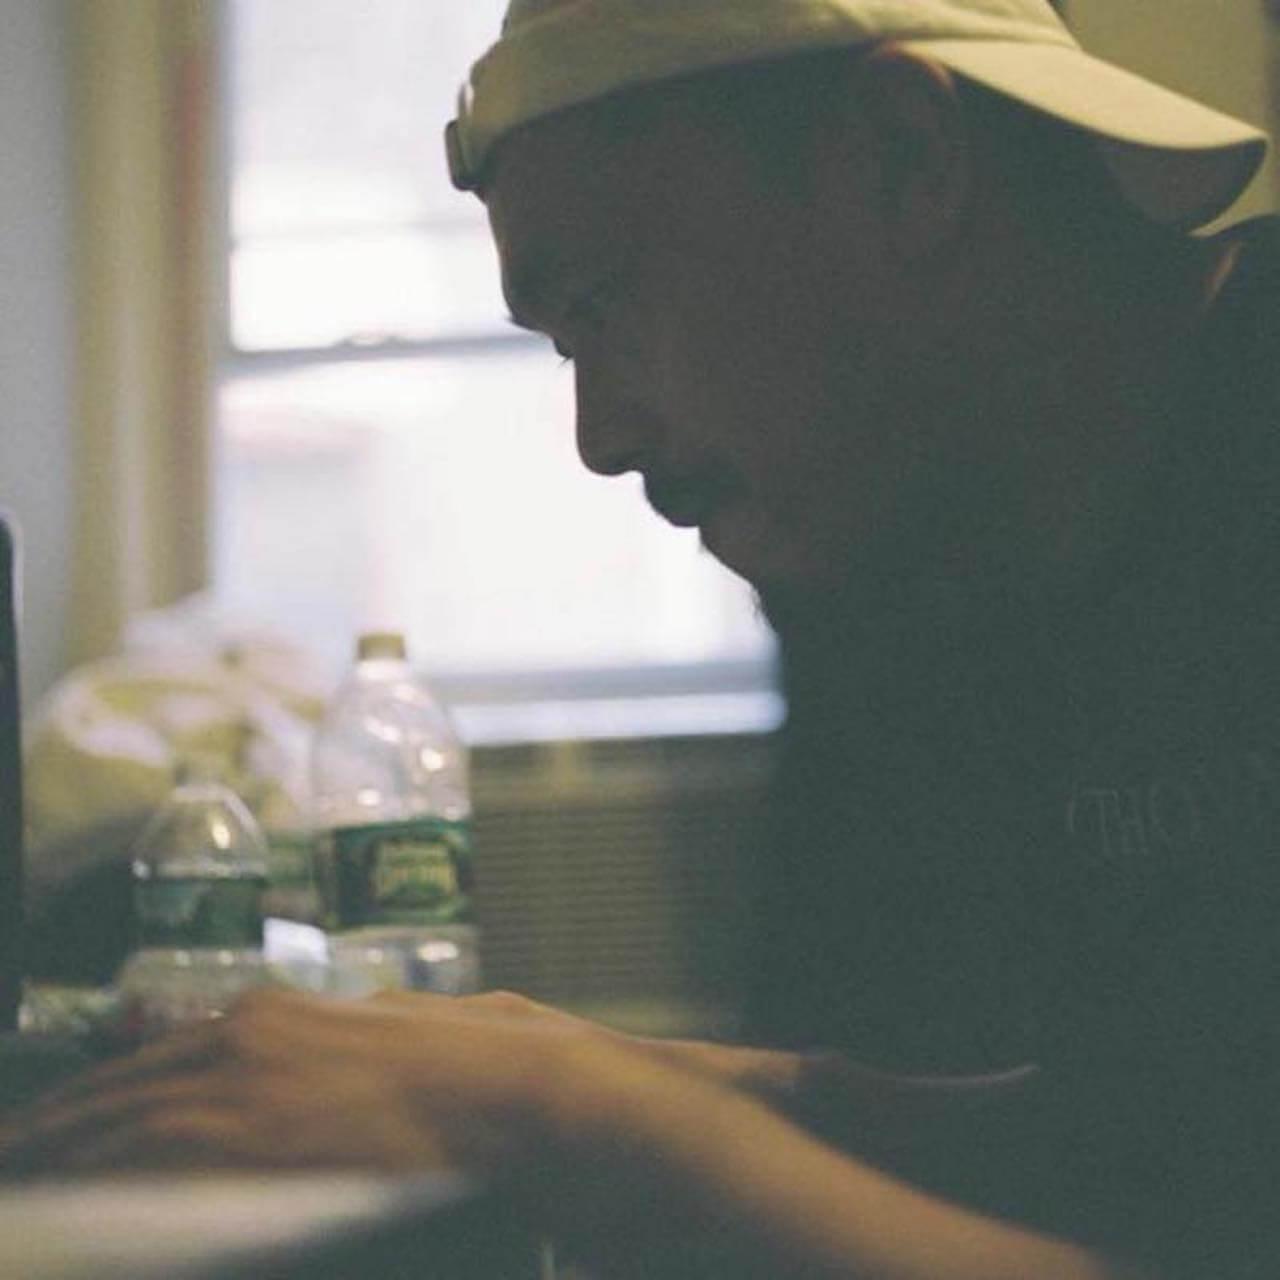 DJ SCRATCH NICEが最新ビートテープ『Hear Sum U Like』をリリース music200824-djscratchnice-2